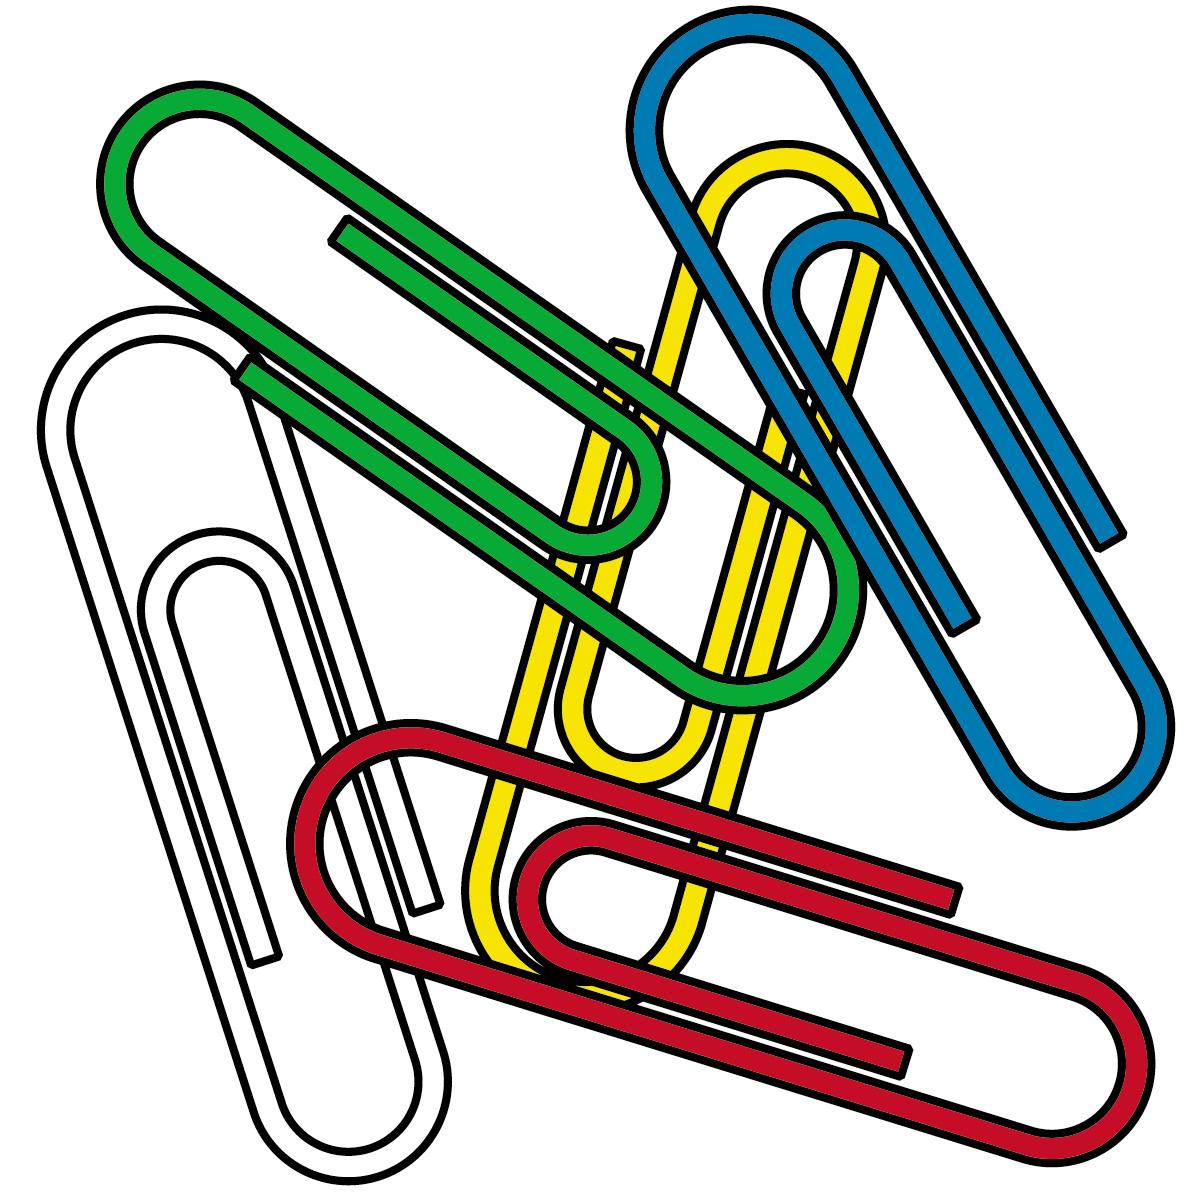 art supplies clip art - photo #37